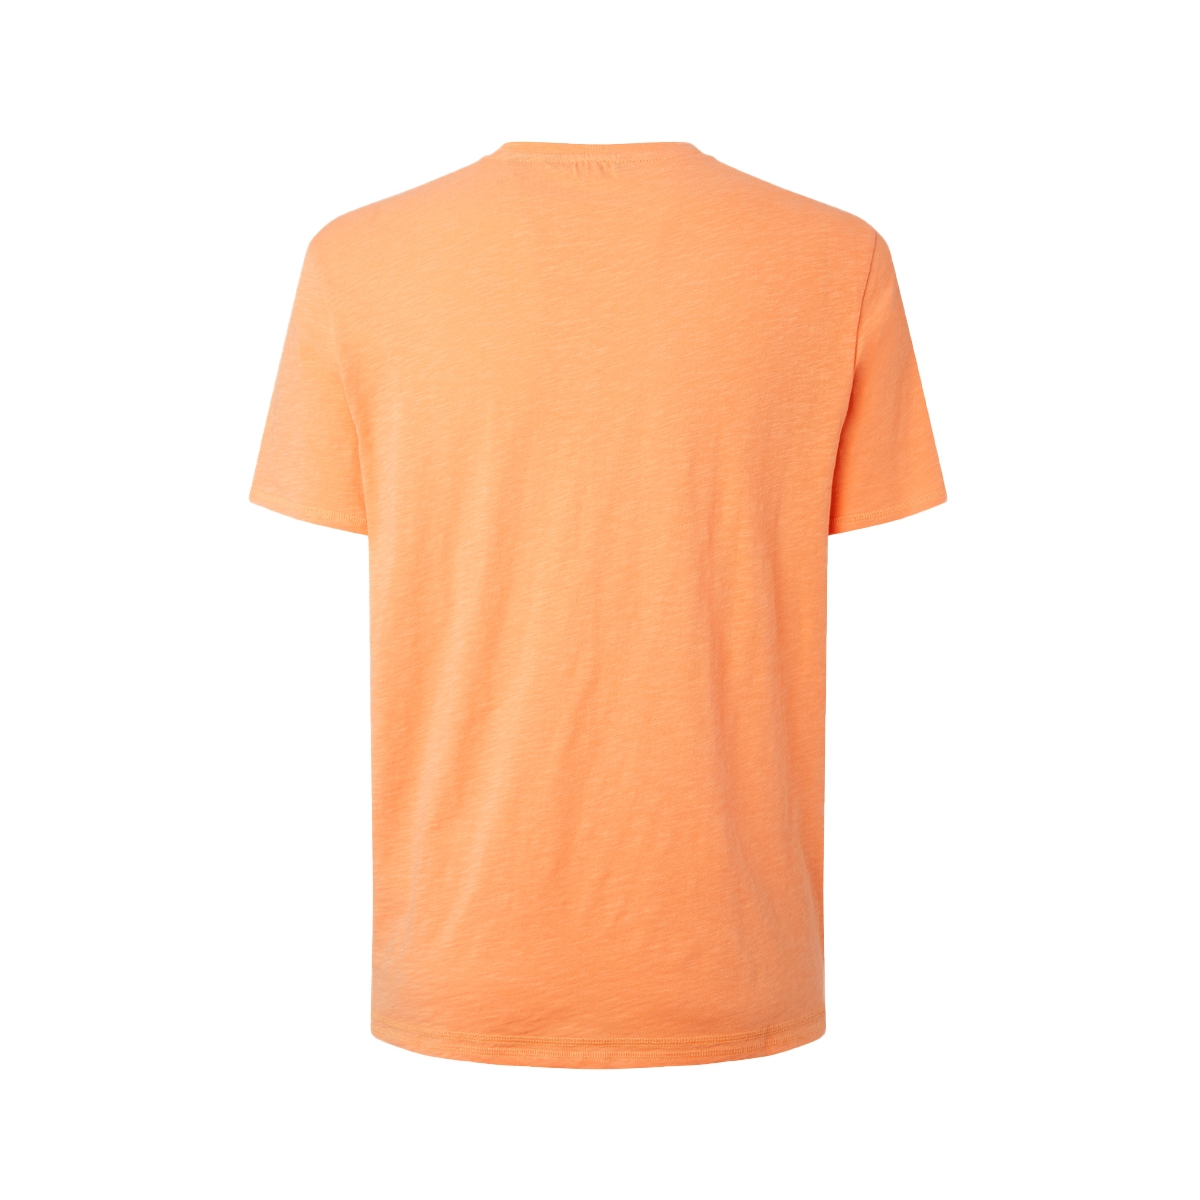 lm essentials t shirt 0a2334 o`neill t-shirt 3122 canteloupe